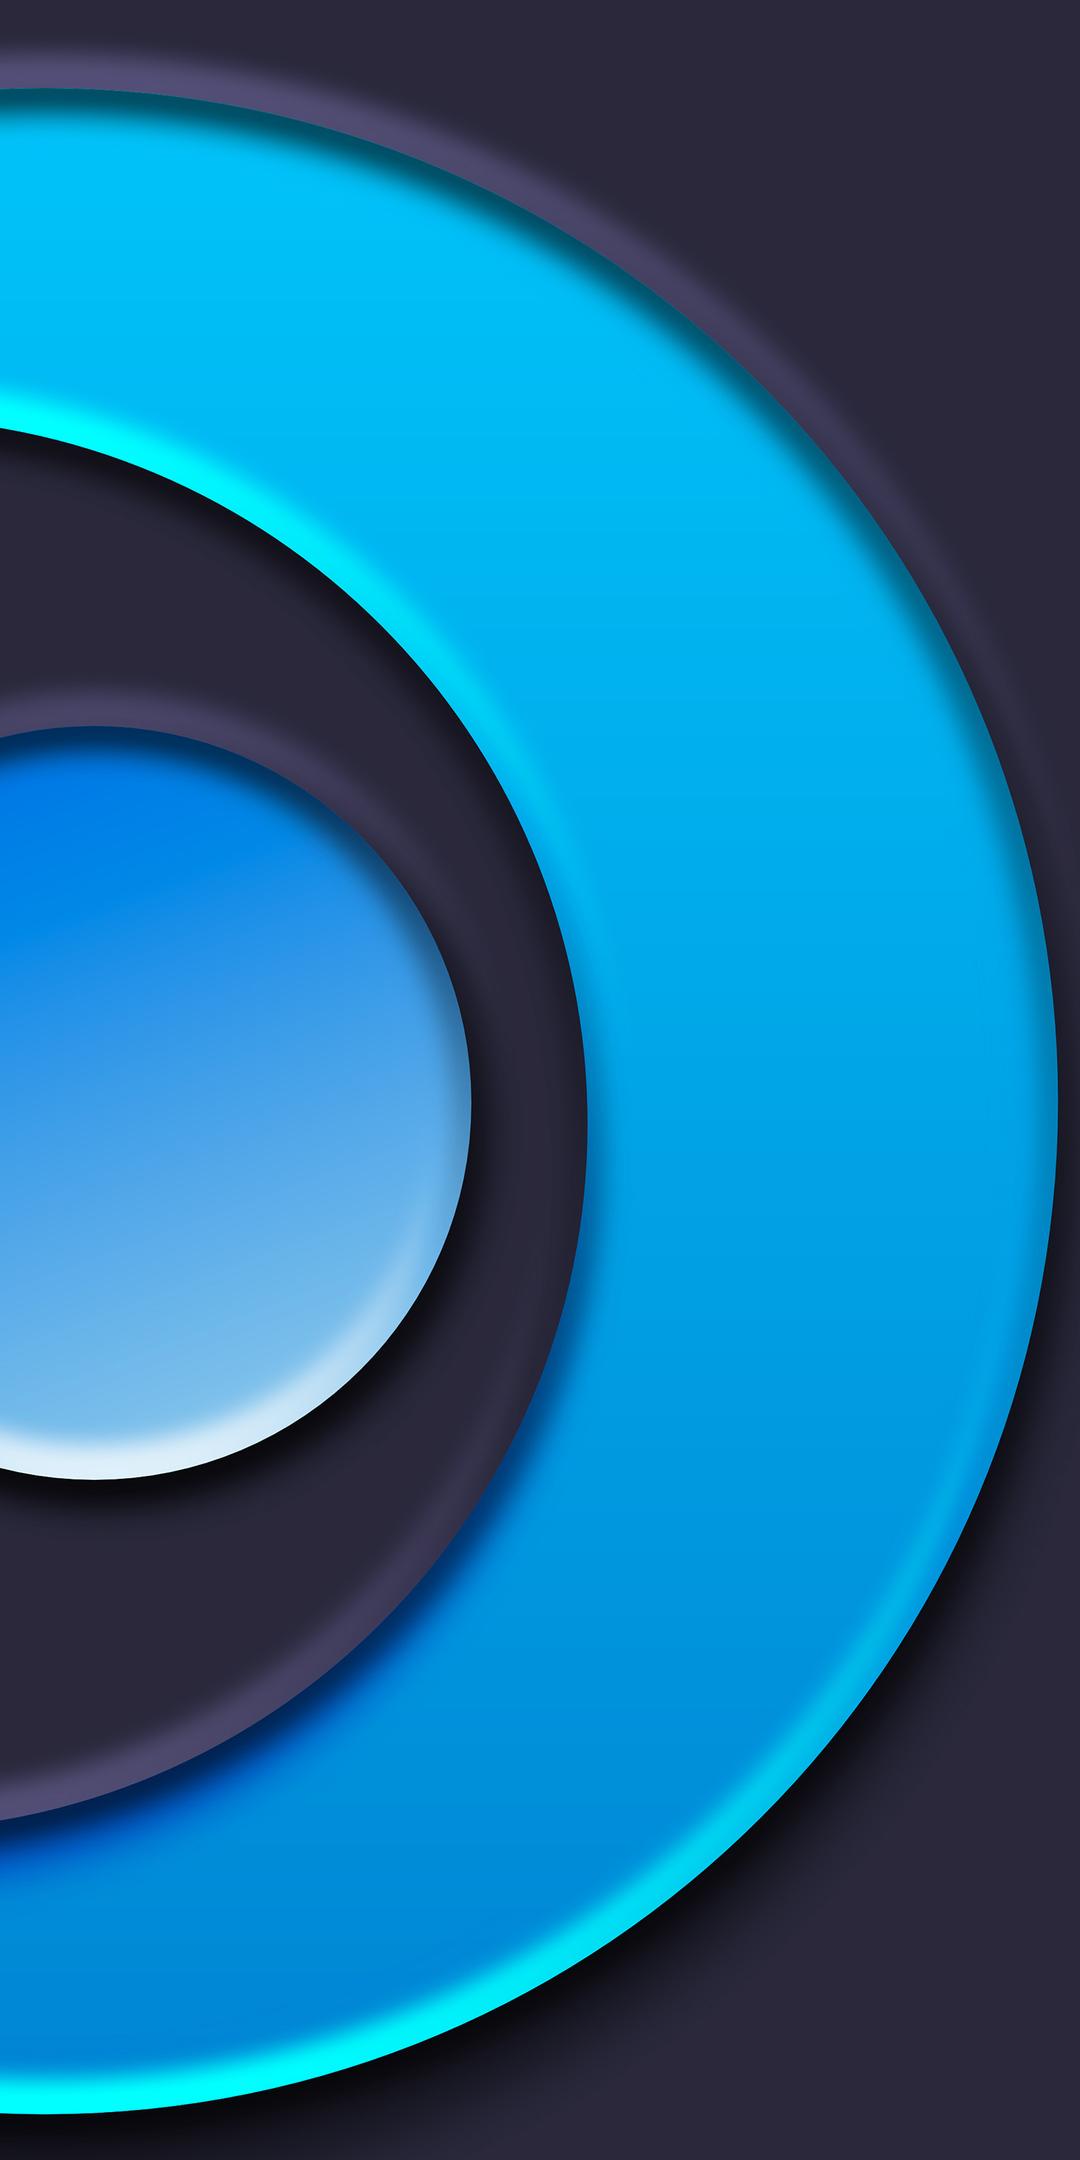 circle-chakras-8k-k5.jpg